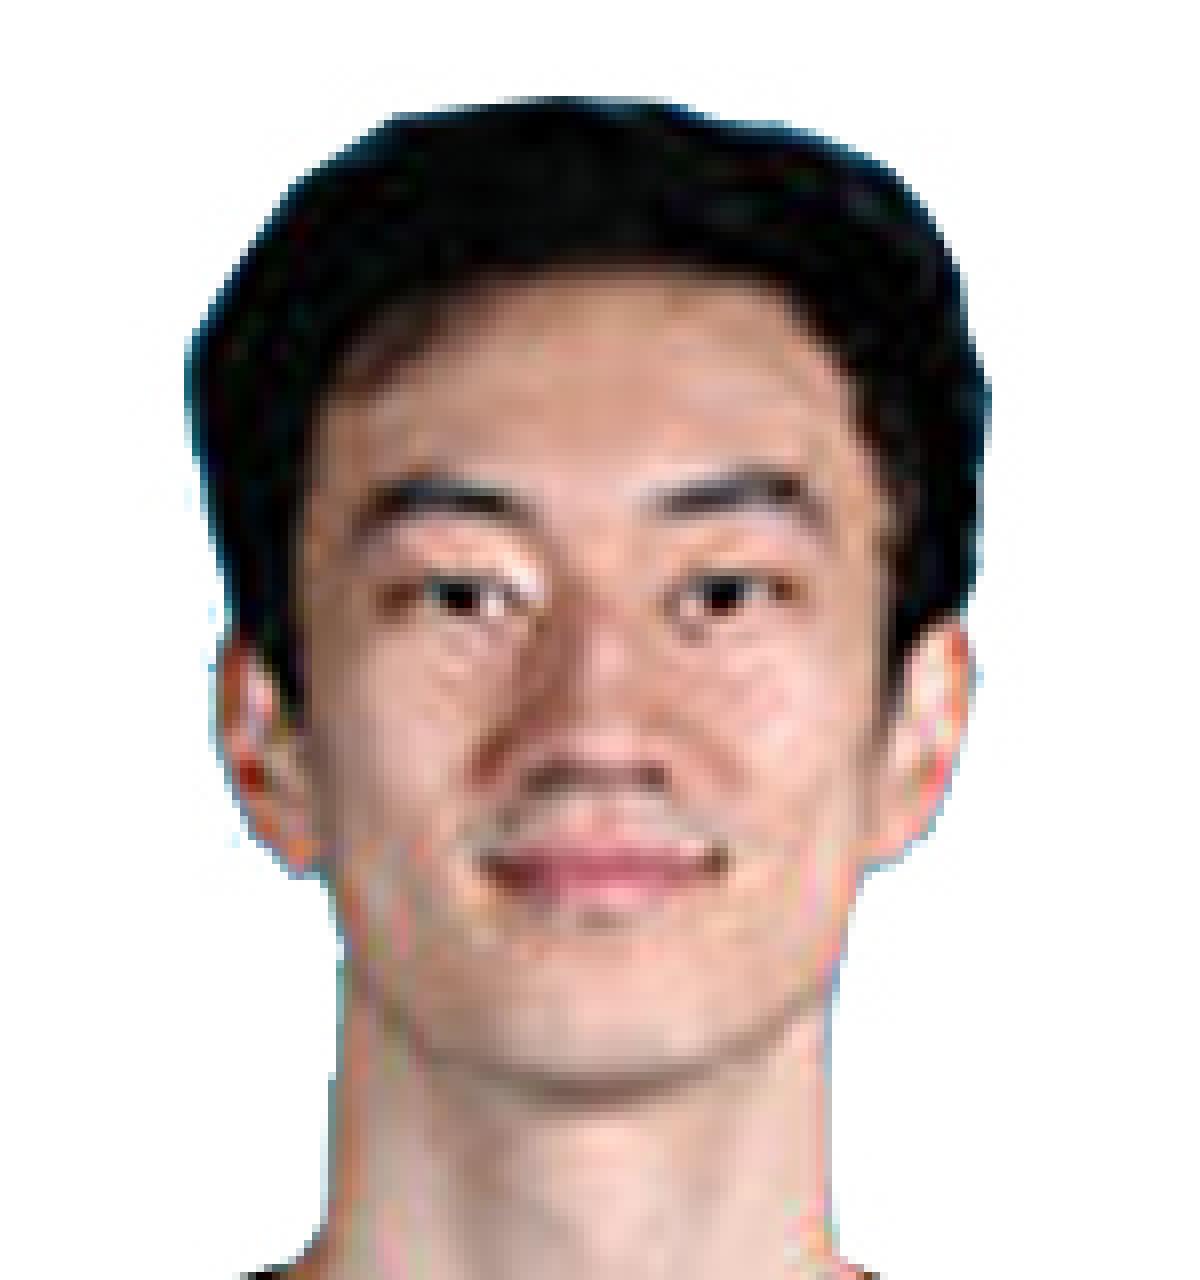 Lun Shao Ying